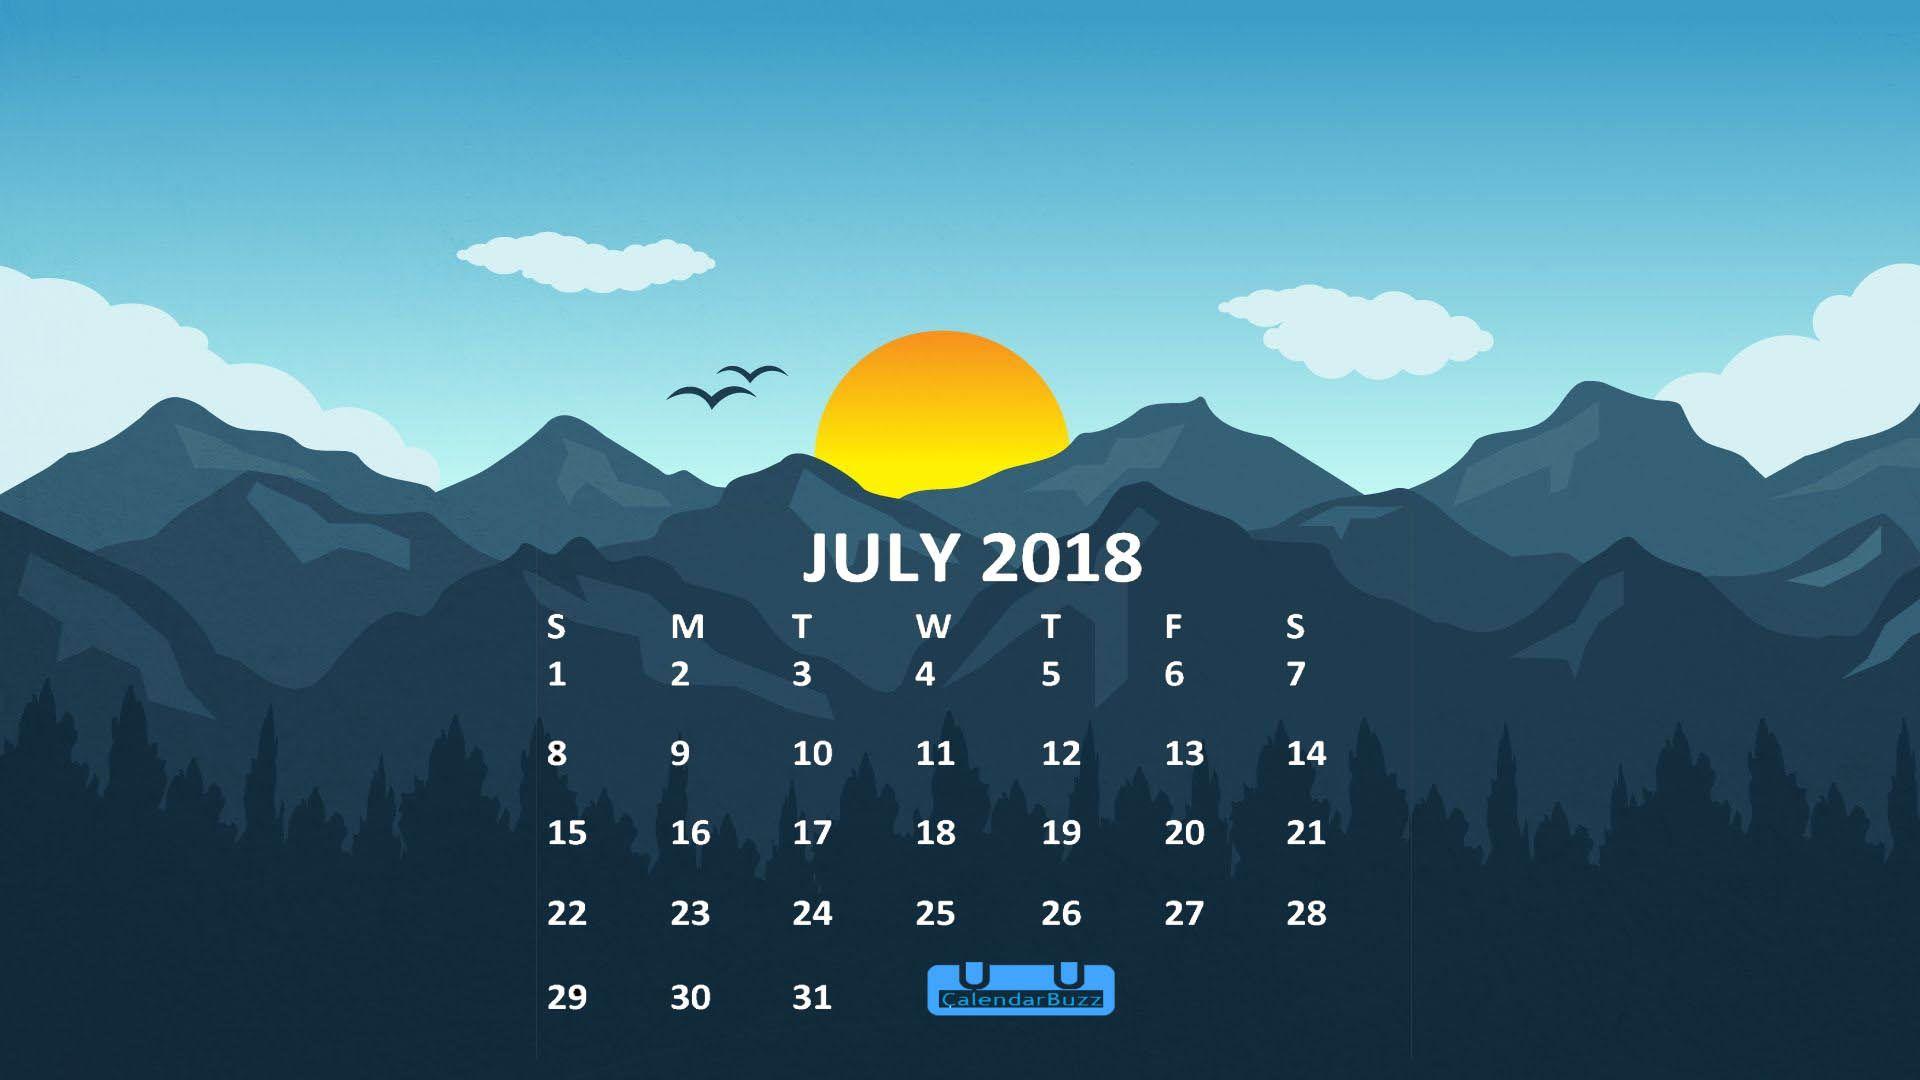 July 2018 Calendar HD Wallpaper 2018 Calendars Calendar 1920x1080